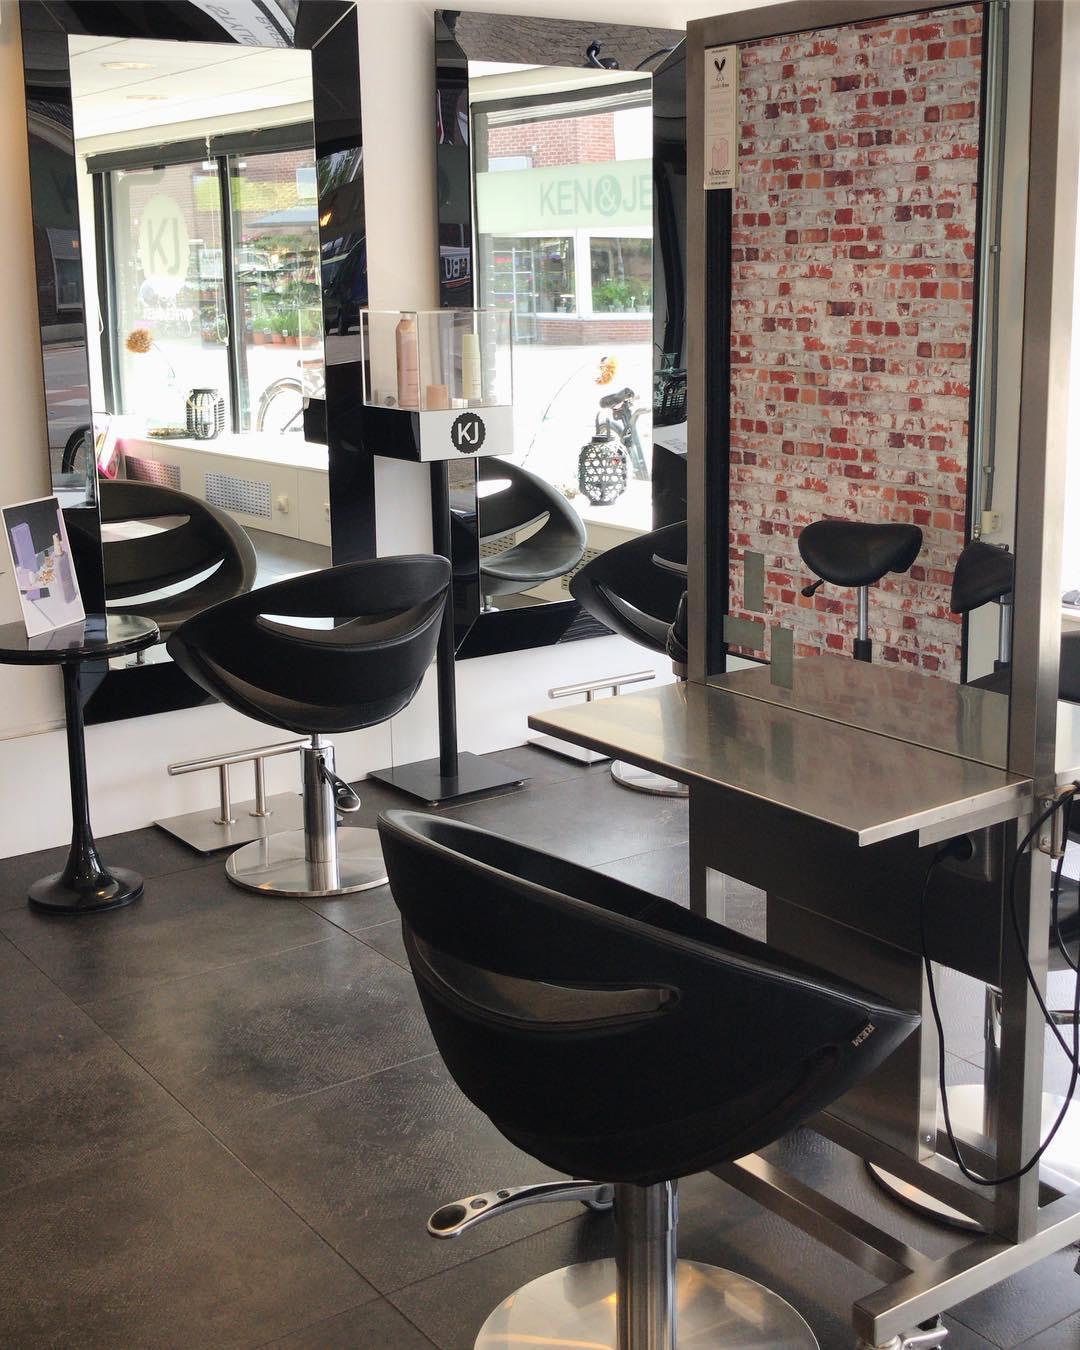 Nog enkele plekken beschikbaar vandaag & morgen. #hairdresser #kenenjerrys #beautifullhair #tilburg